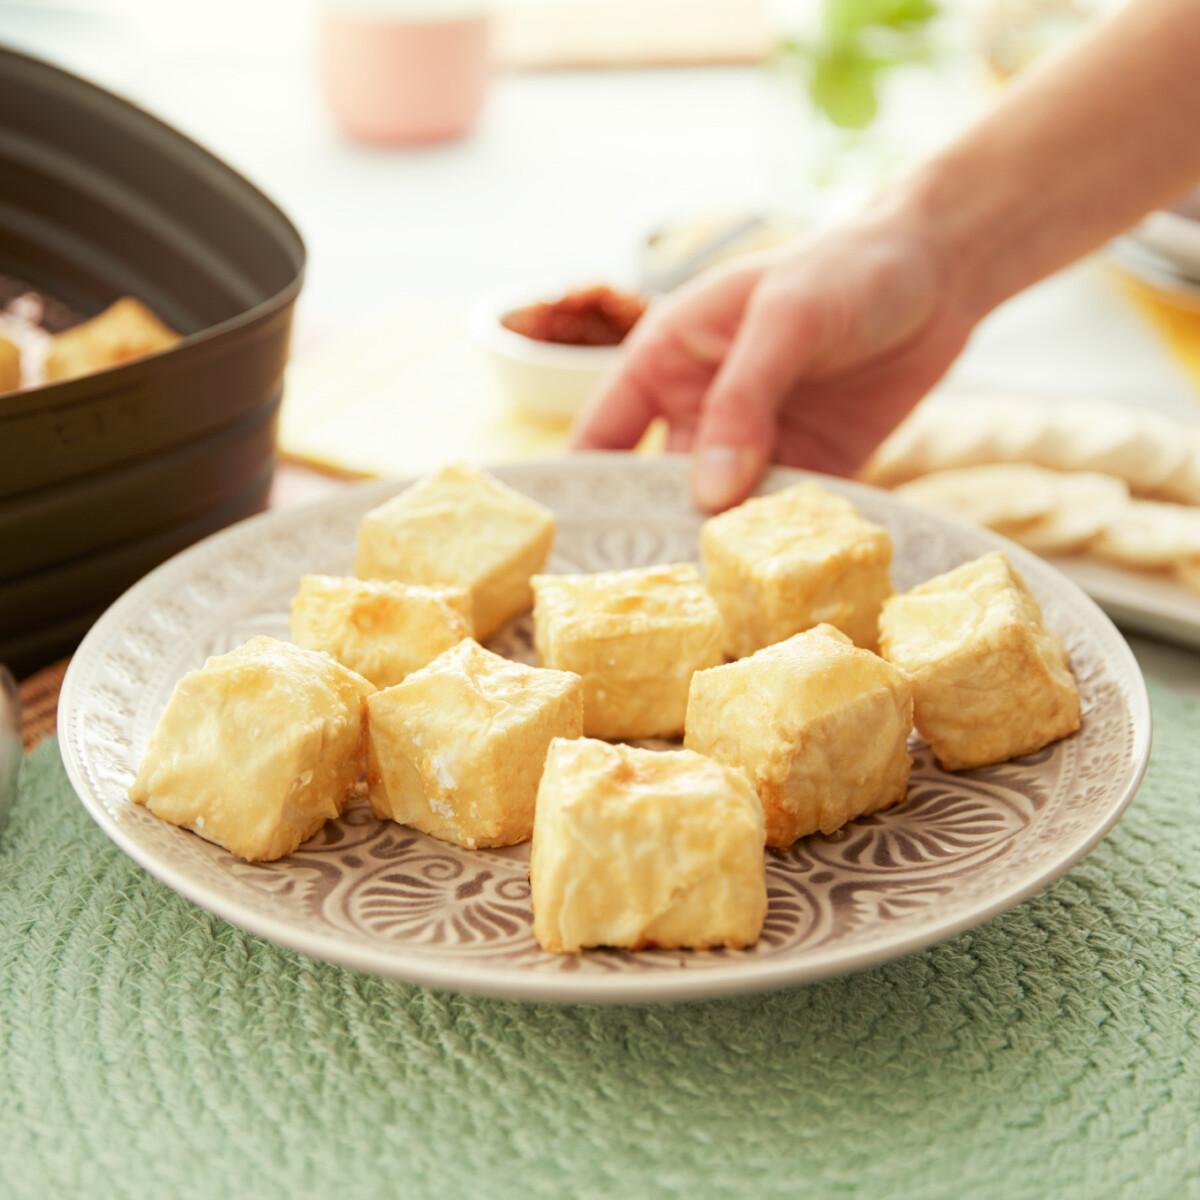 Ezen a képen: Bundában sült tofu Philips Airfryerben készítve